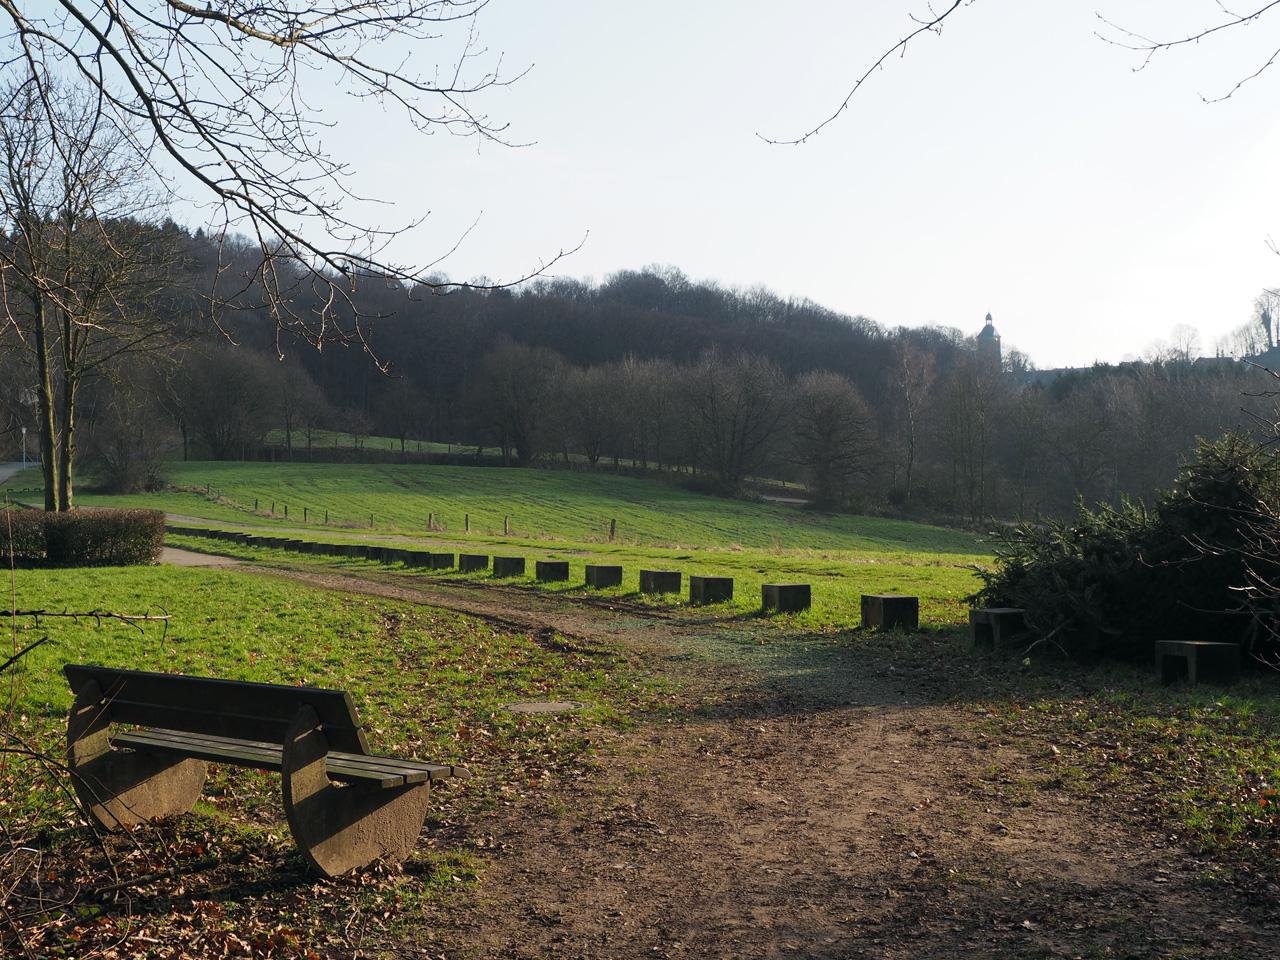 vergezicht bij het Freibad Tecklenburg